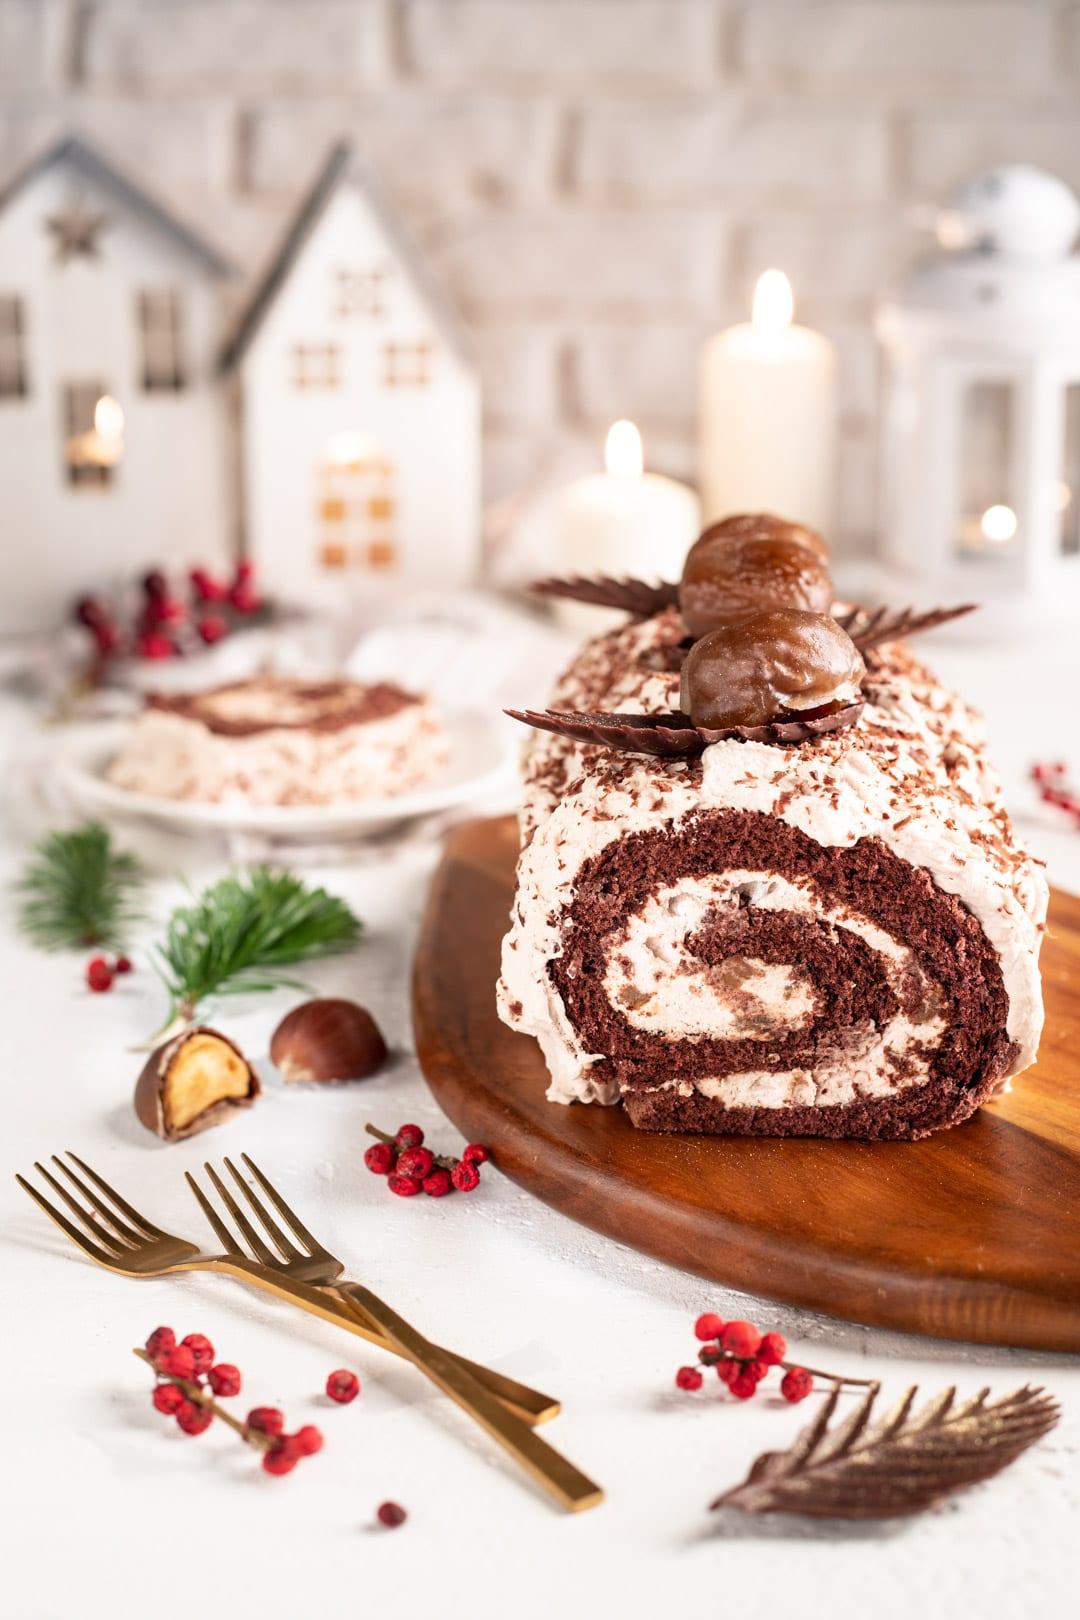 Tronchetto di Natale con crema di marroni pronto da gustare